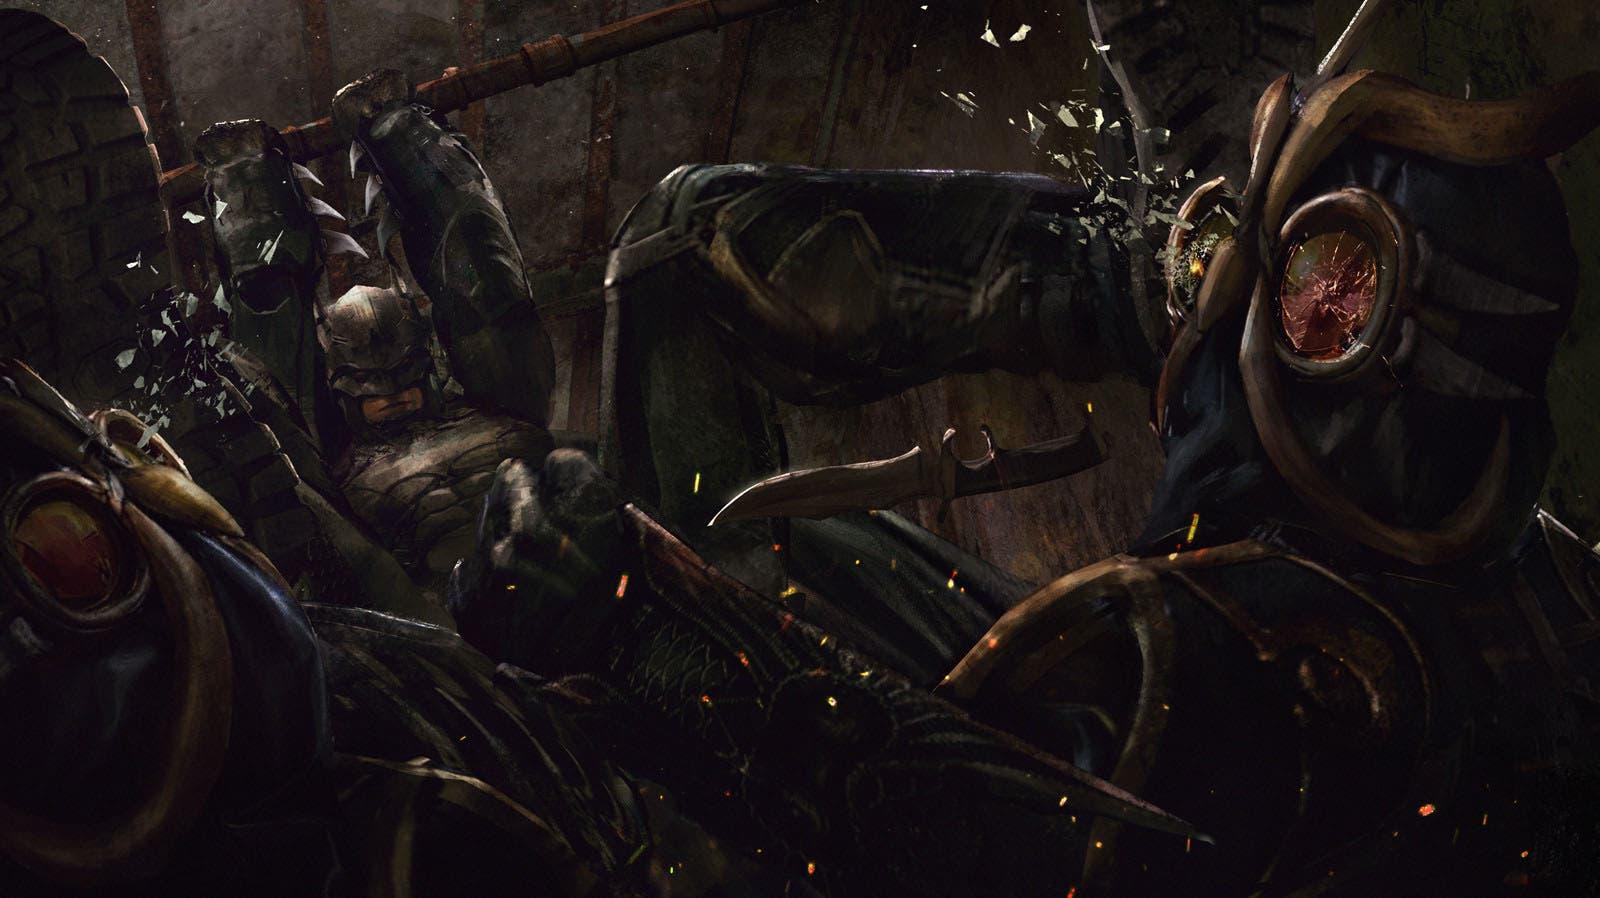 Gotham Knight sería el título del nuevo juego de Batman 2